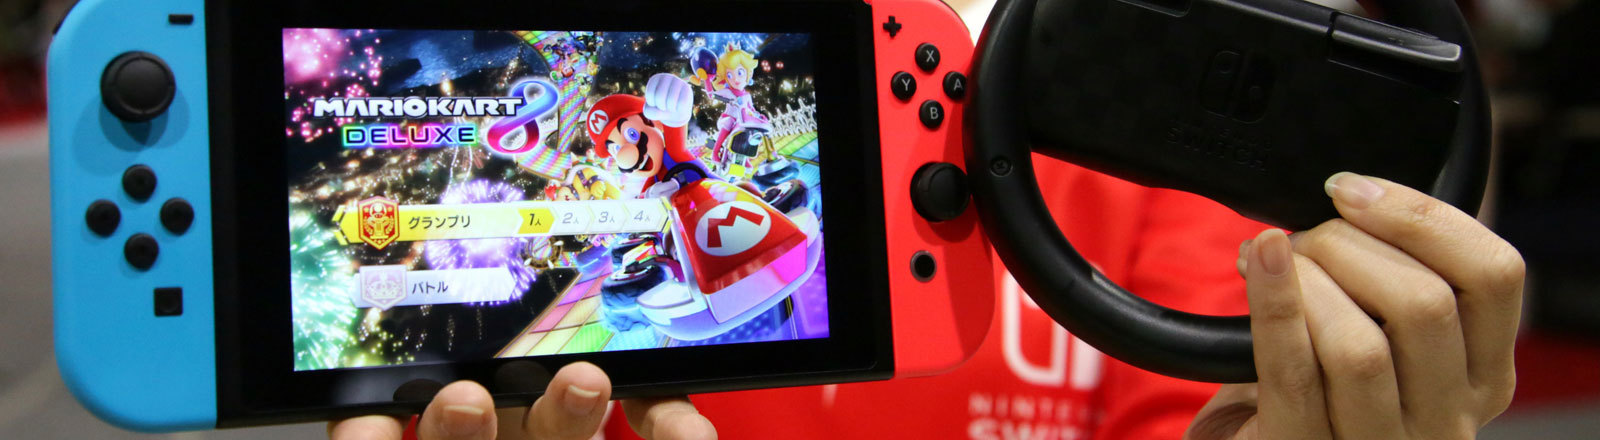 Asiatin hält Switch Konsole mit Super Mario Game und Lenkrad in die Kamera